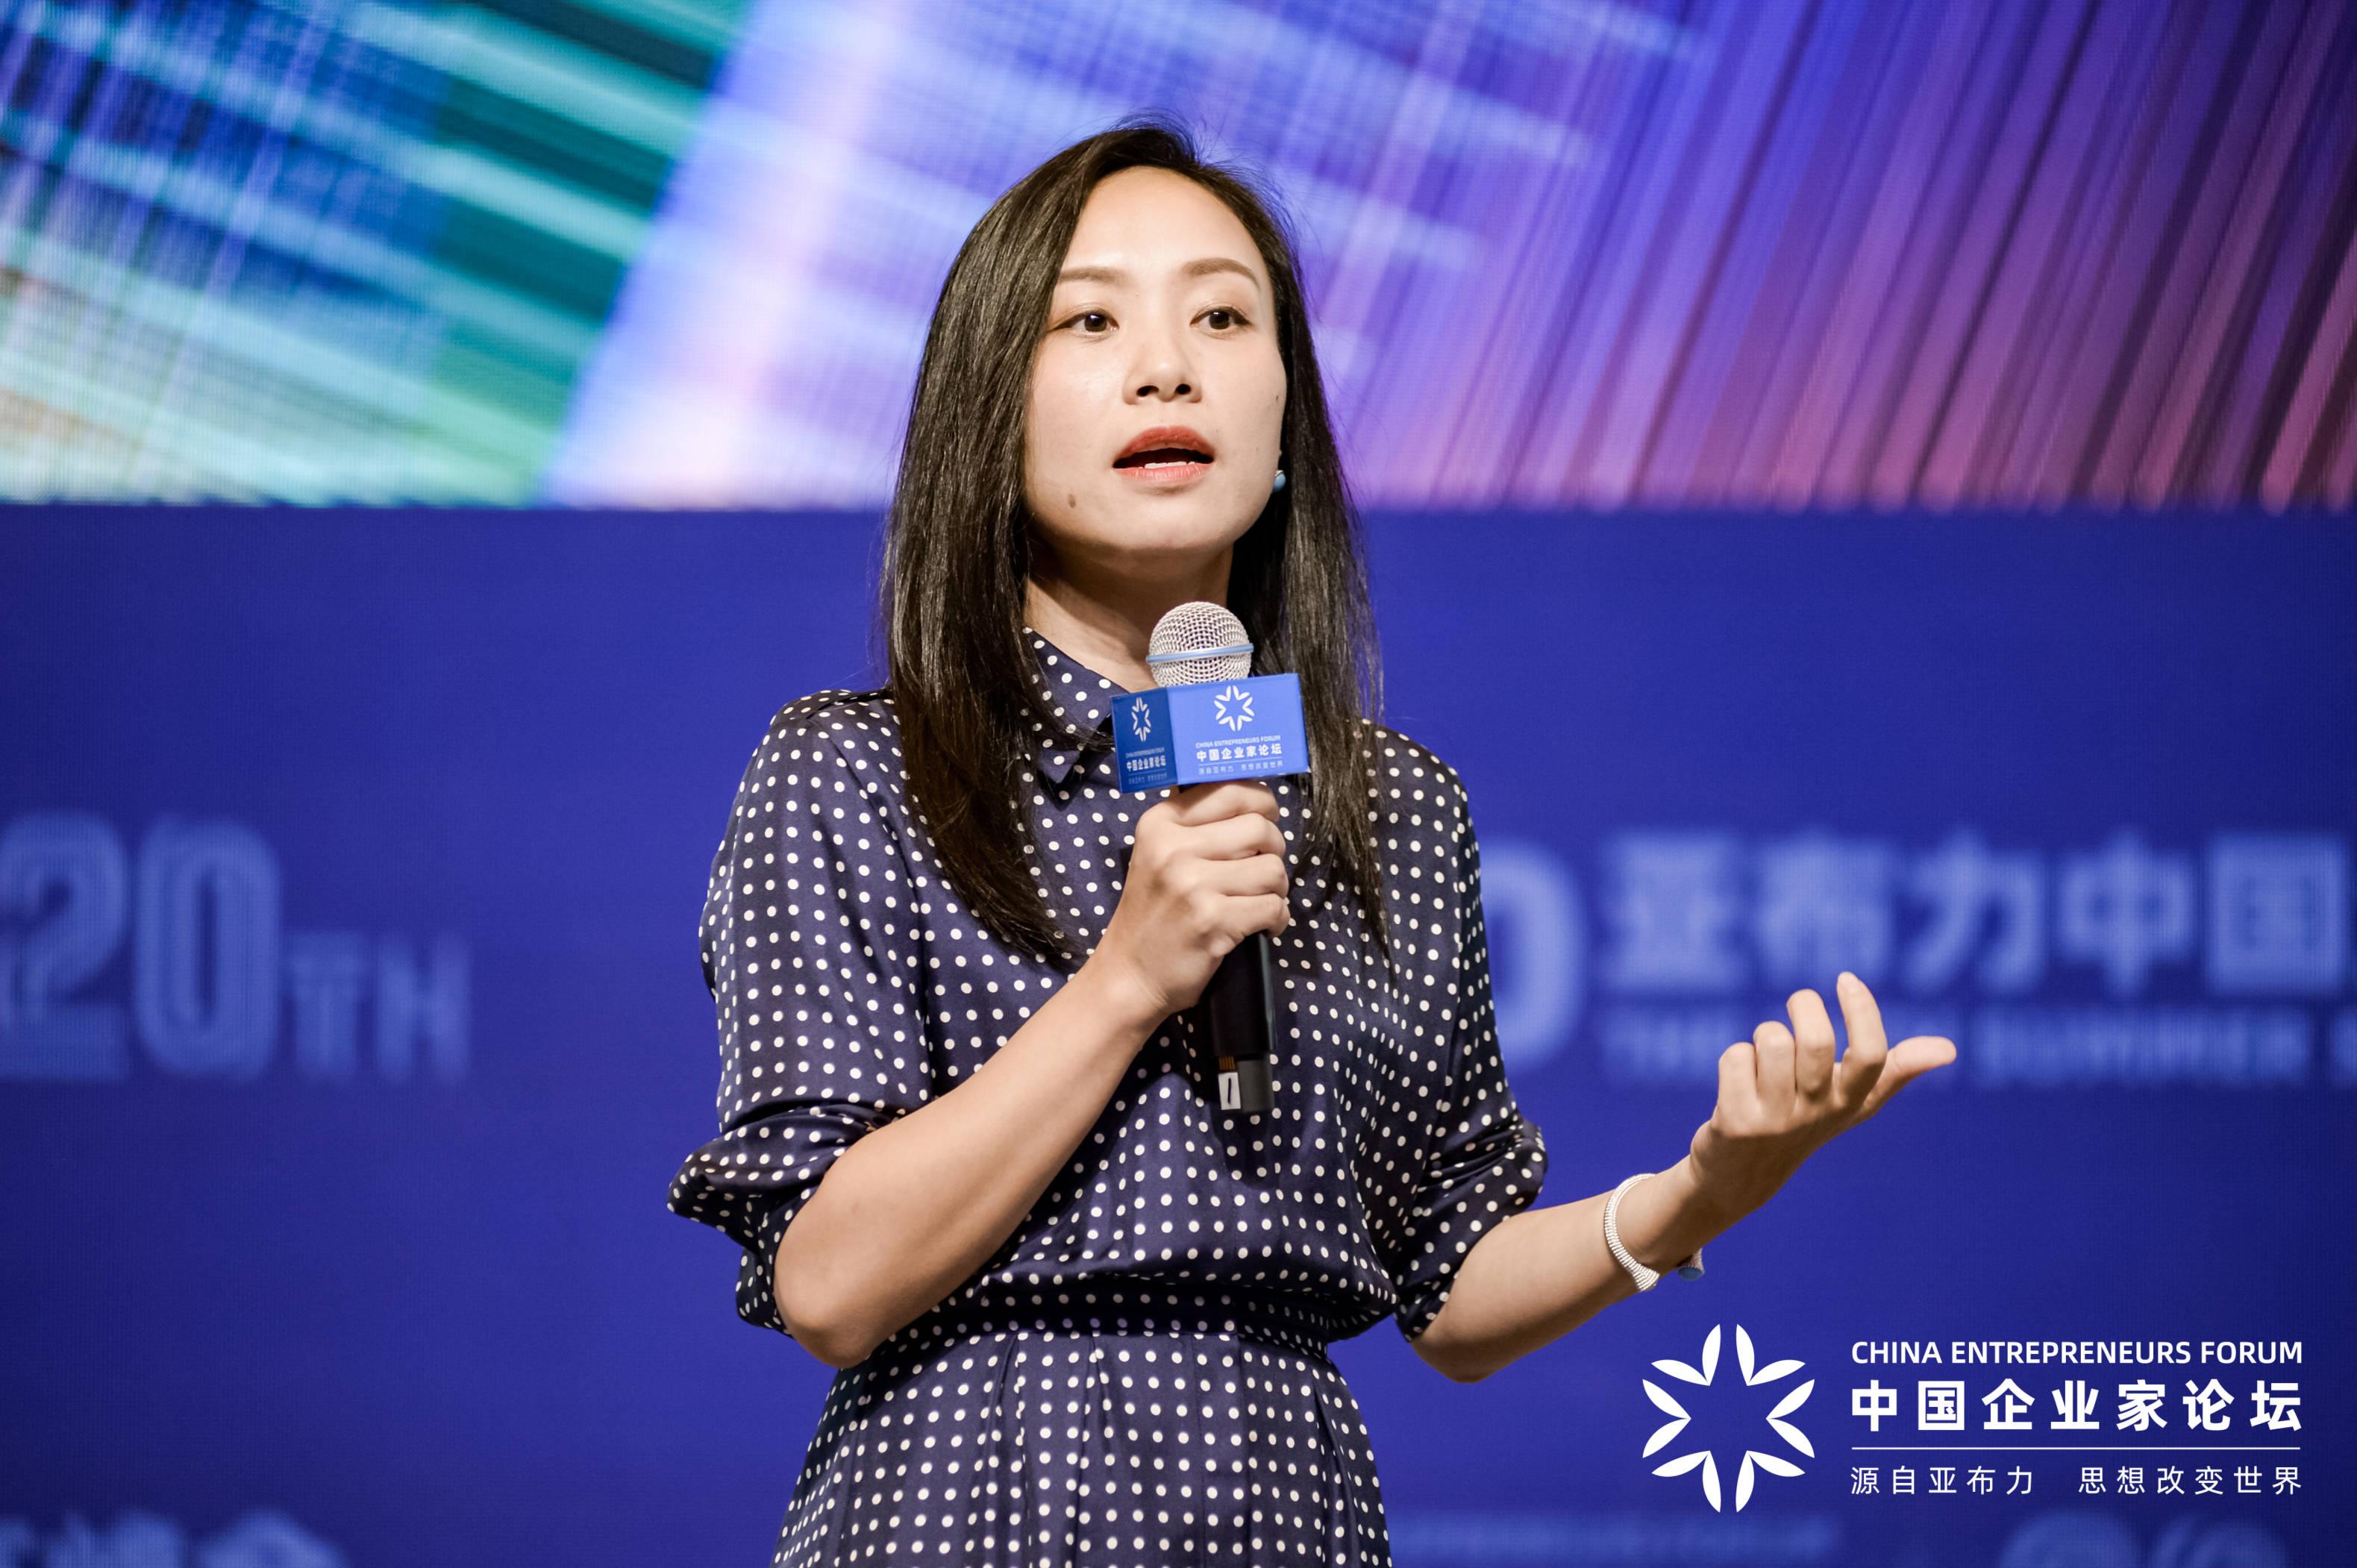 刘畅谈养猪:新希望未来要成立自己的育种公司